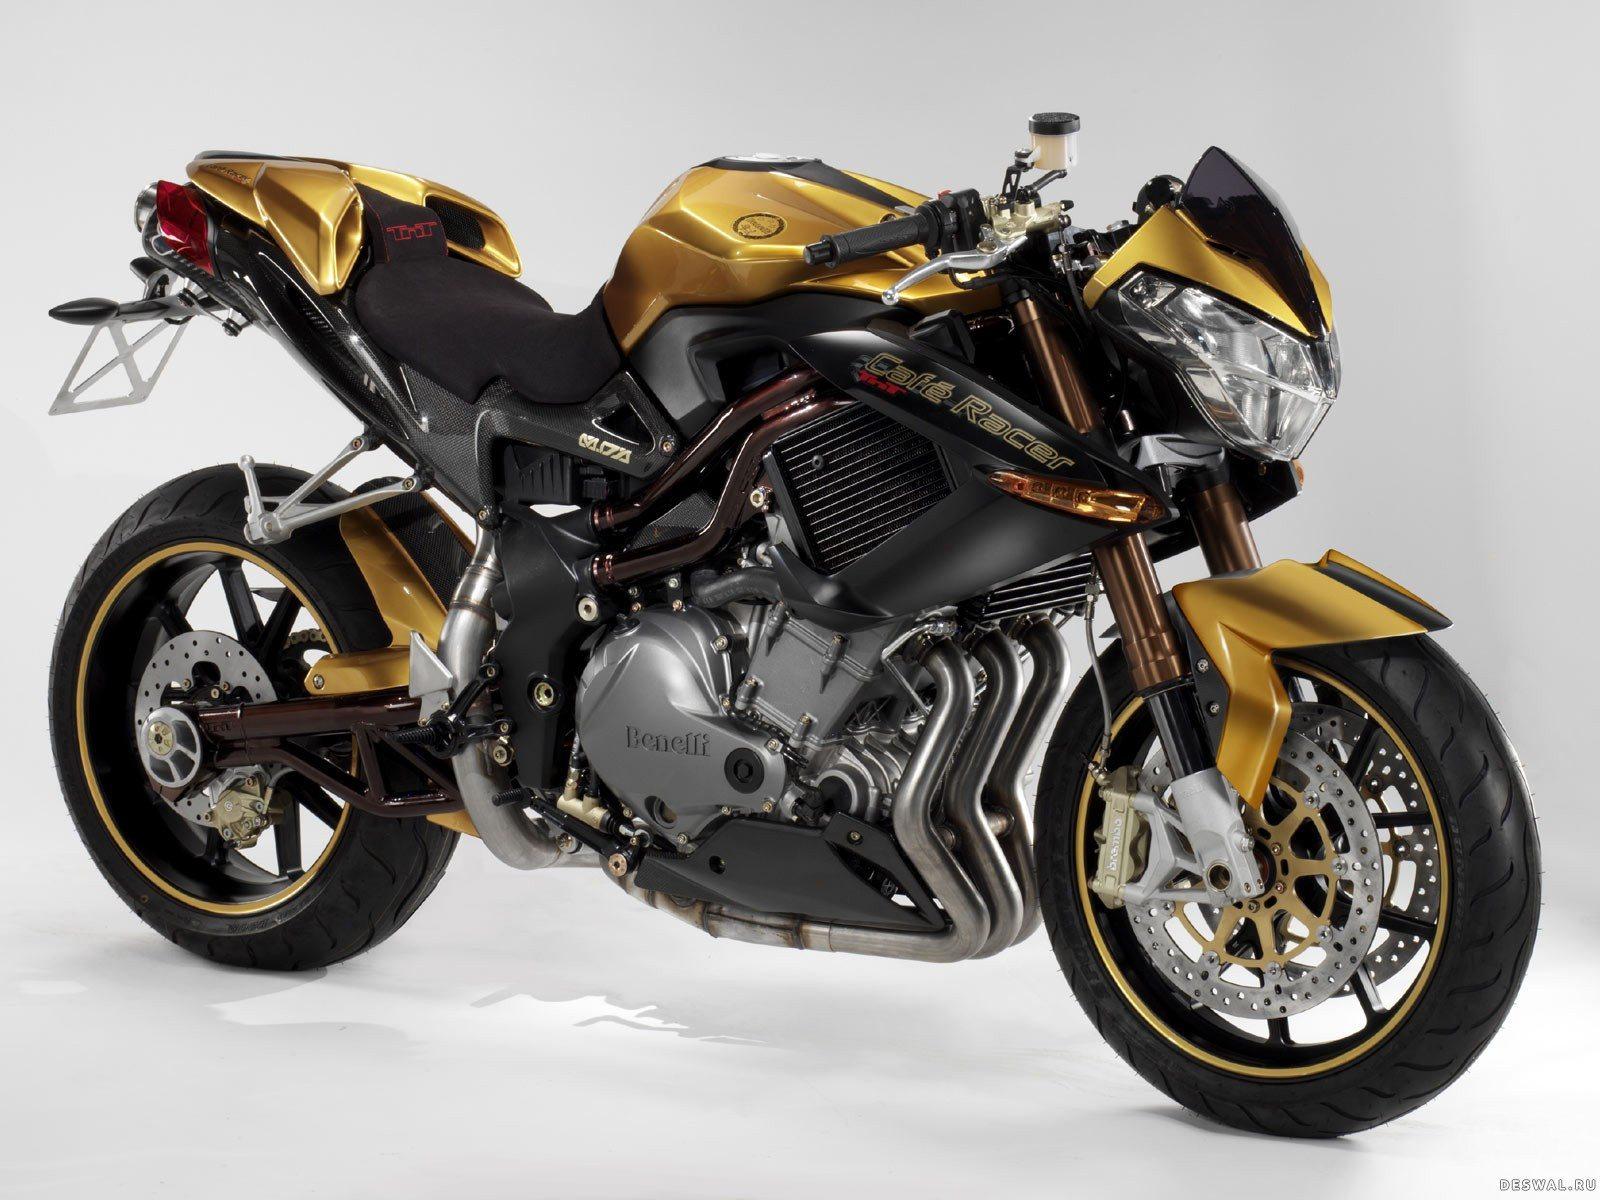 Benelli на отличной обои.. Нажмите на картинку с обоями мотоцикла benelli, чтобы просмотреть ее в реальном размере